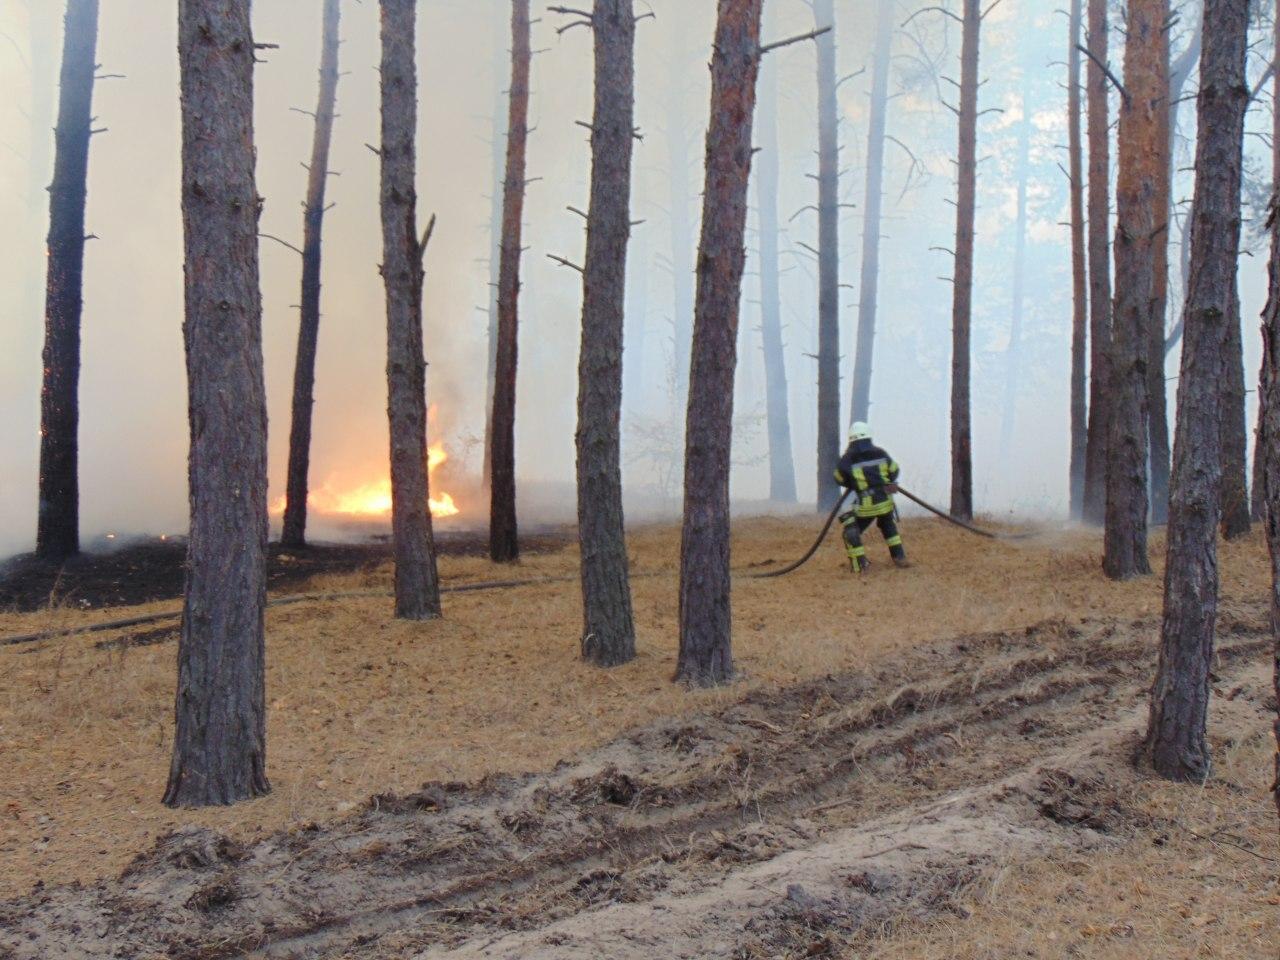 Писали отчеты, а пожары не тушили. В Луганской области шестерым сотрудникам ГСЧС объявили подозрение